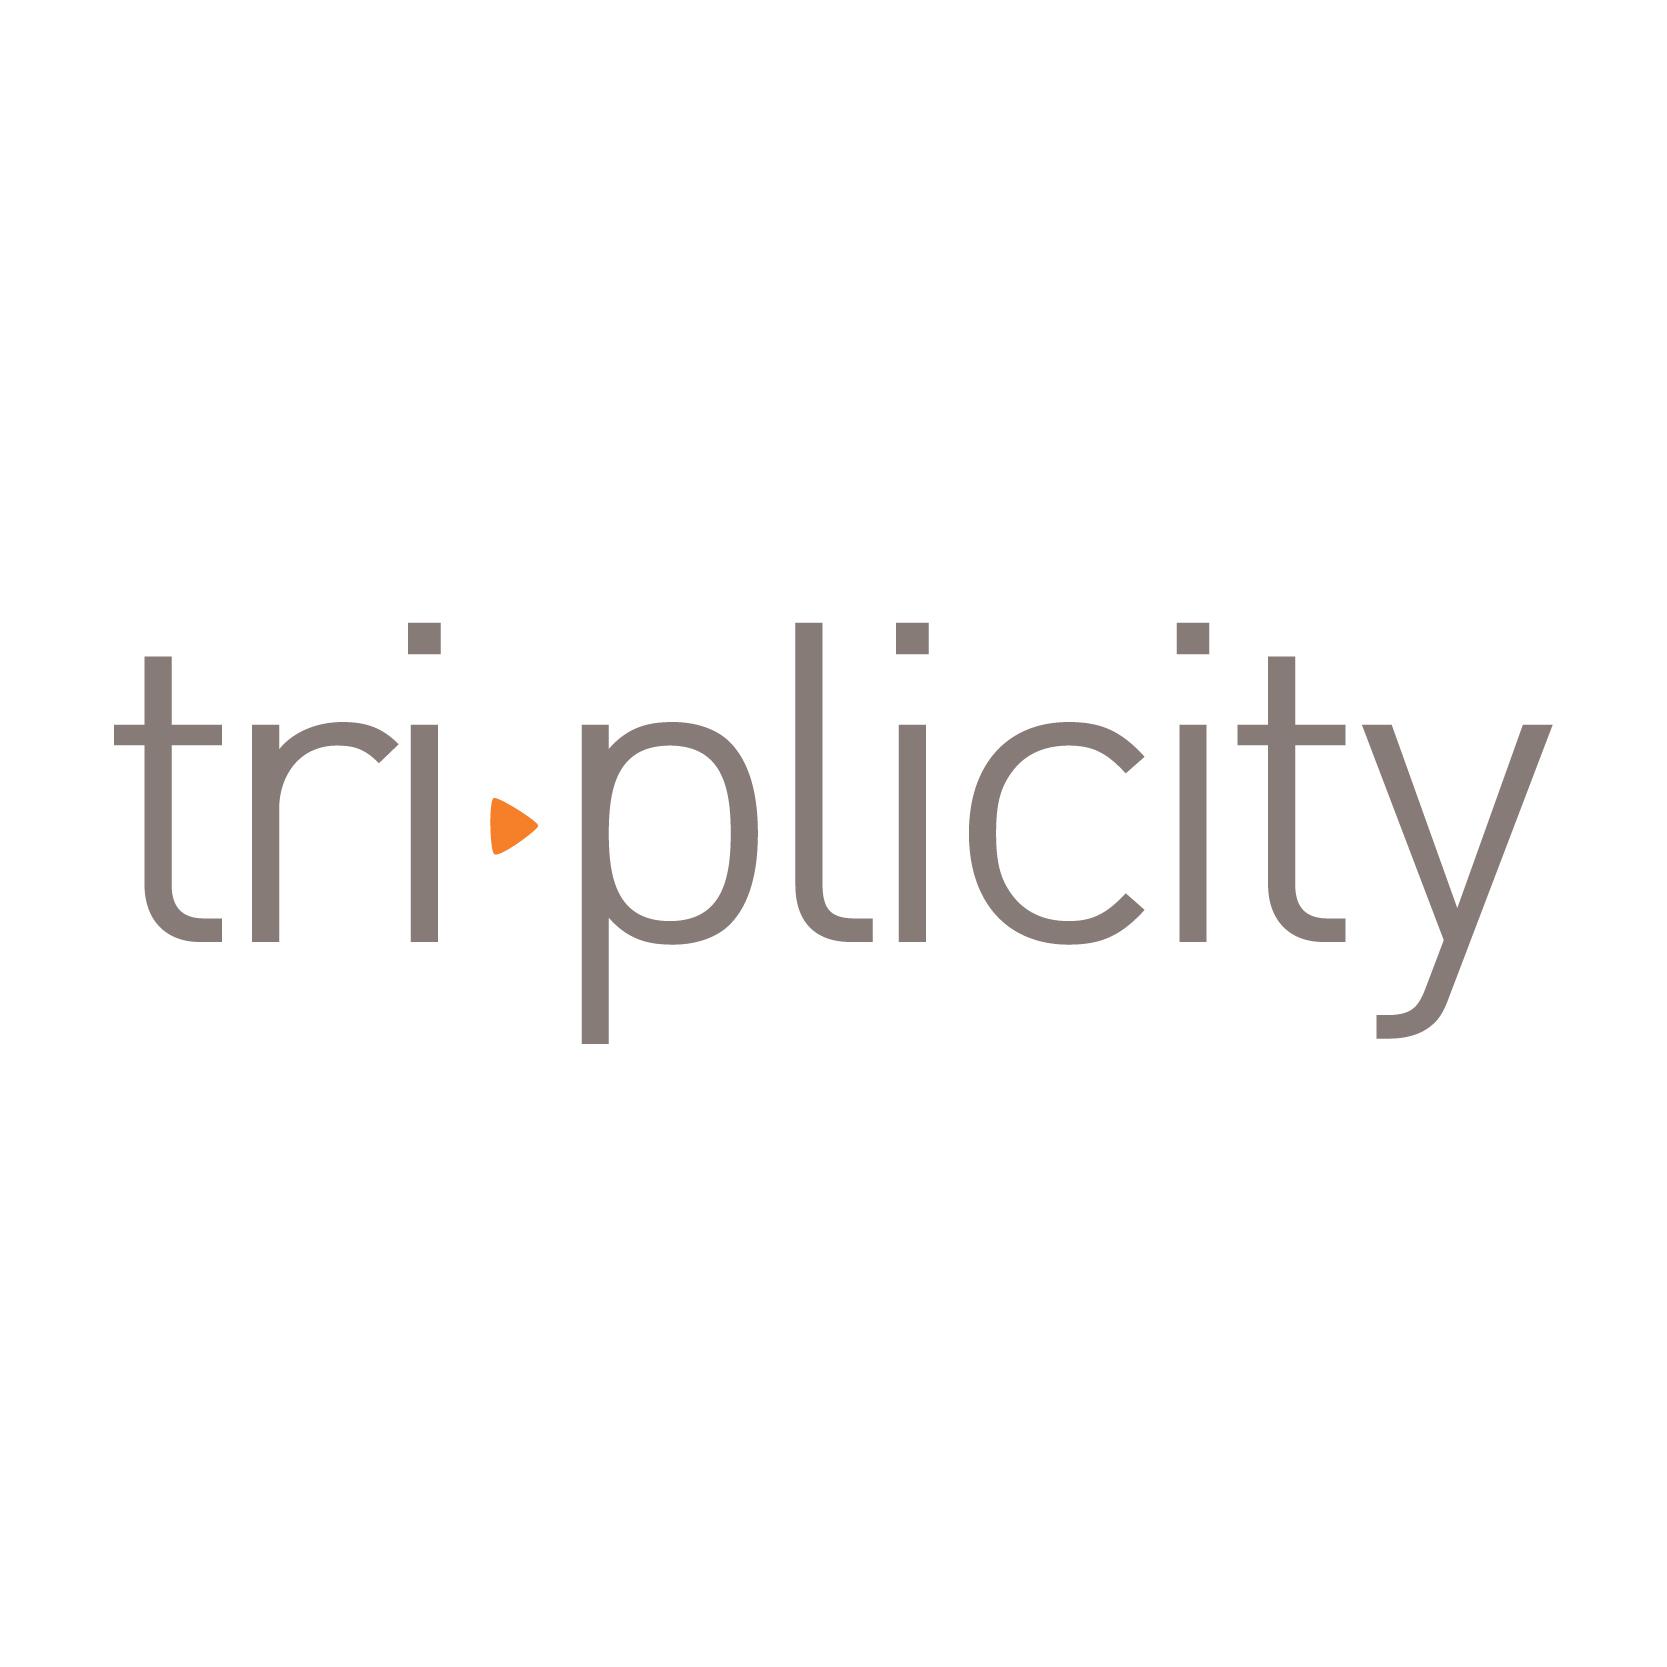 Tri-plicity Design + Marketing